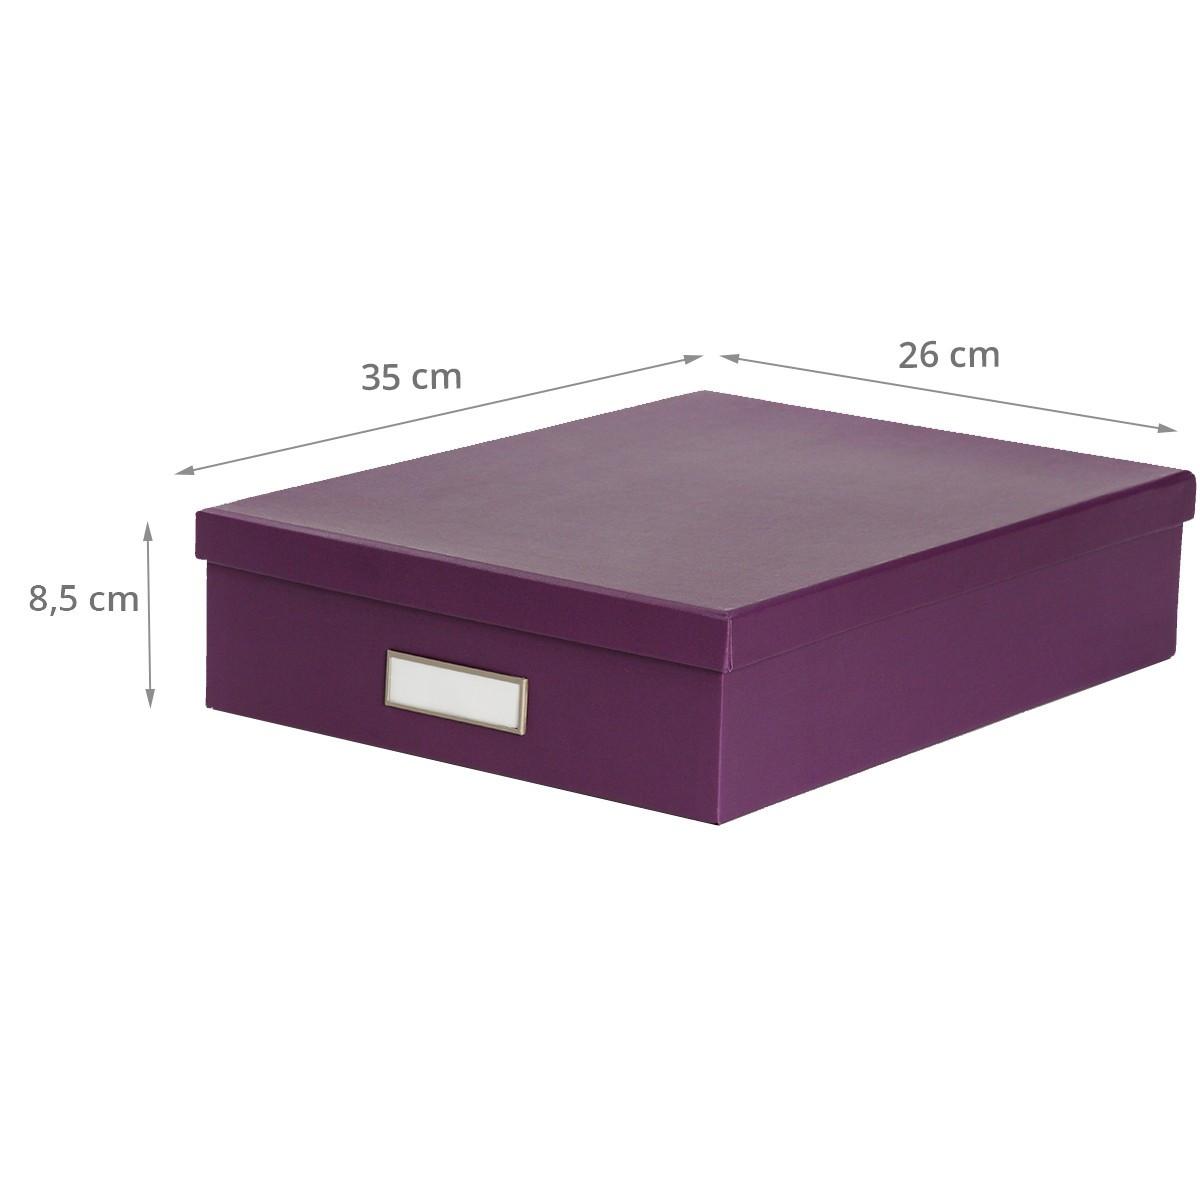 Bo te de classement a4 en carton violet rangement bureau for Boite de rangement papier bureau